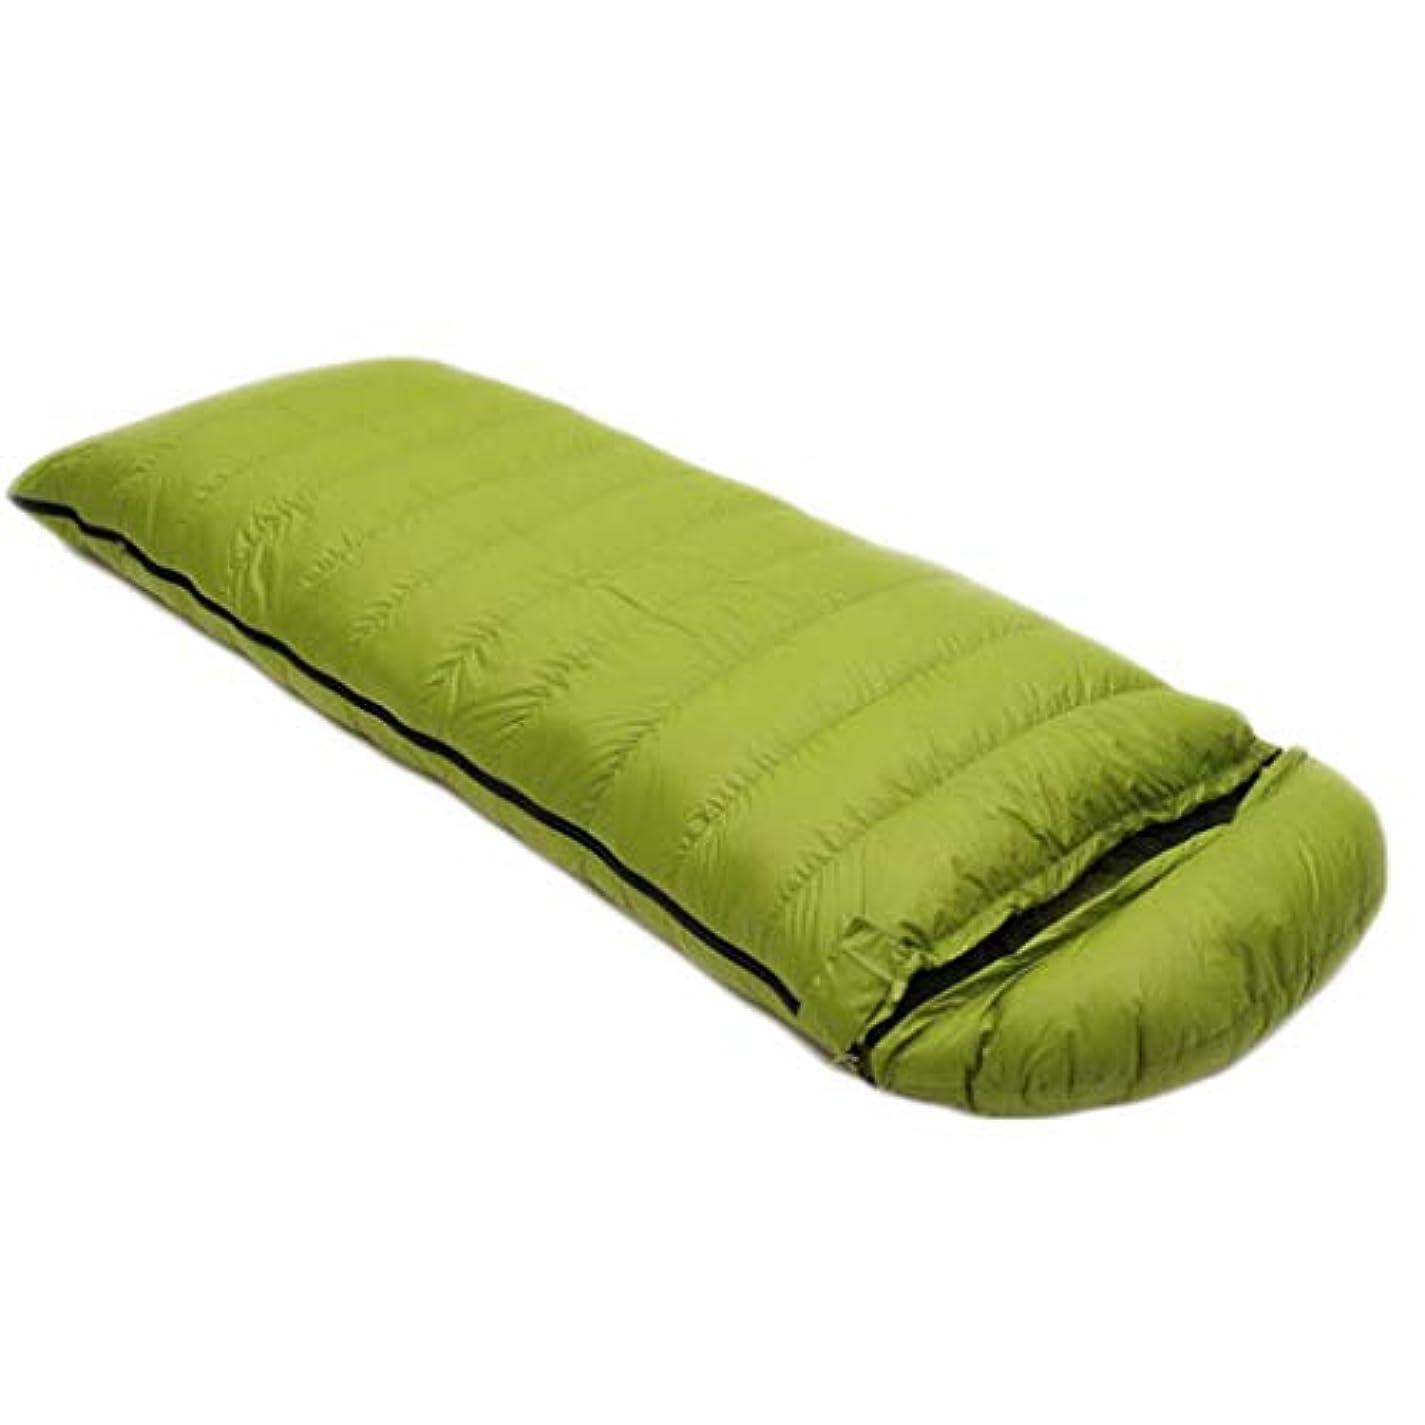 パレードつま先データ屋外アダルトキャンプ寝袋フォーシーズン登山封筒タイプウルトラライトダウン寝袋 (Capacity : 4.0kg, Color : Green)